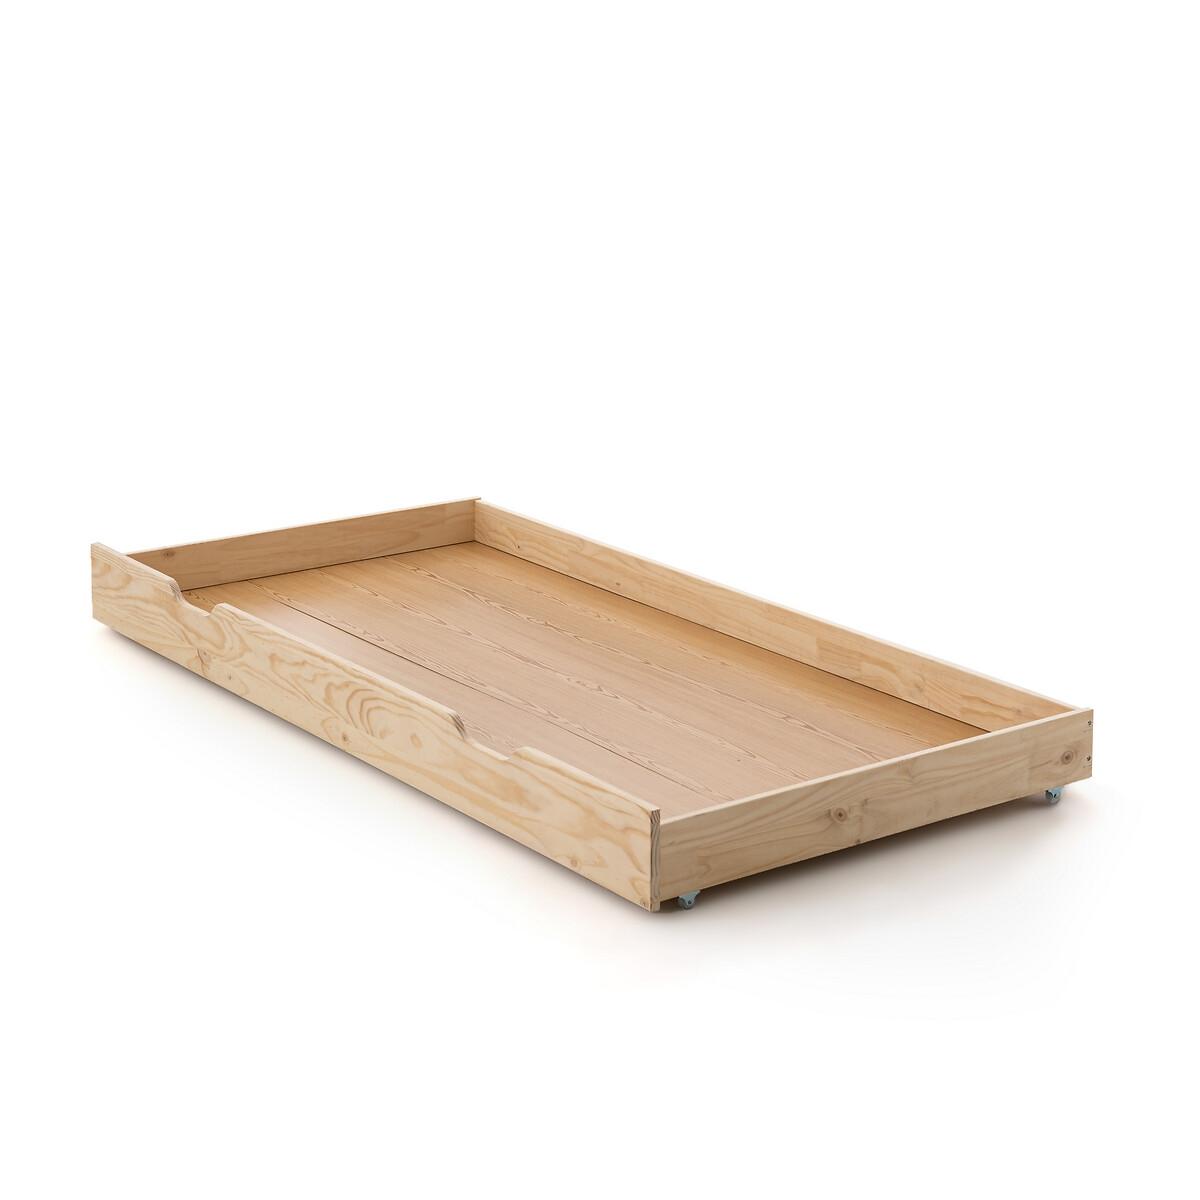 Ящик LaRedoute Хранения для кровати-шатра Archi единый размер синий матрас laredoute с поролоном для кровати ящика 90 x 180 x 12 красный